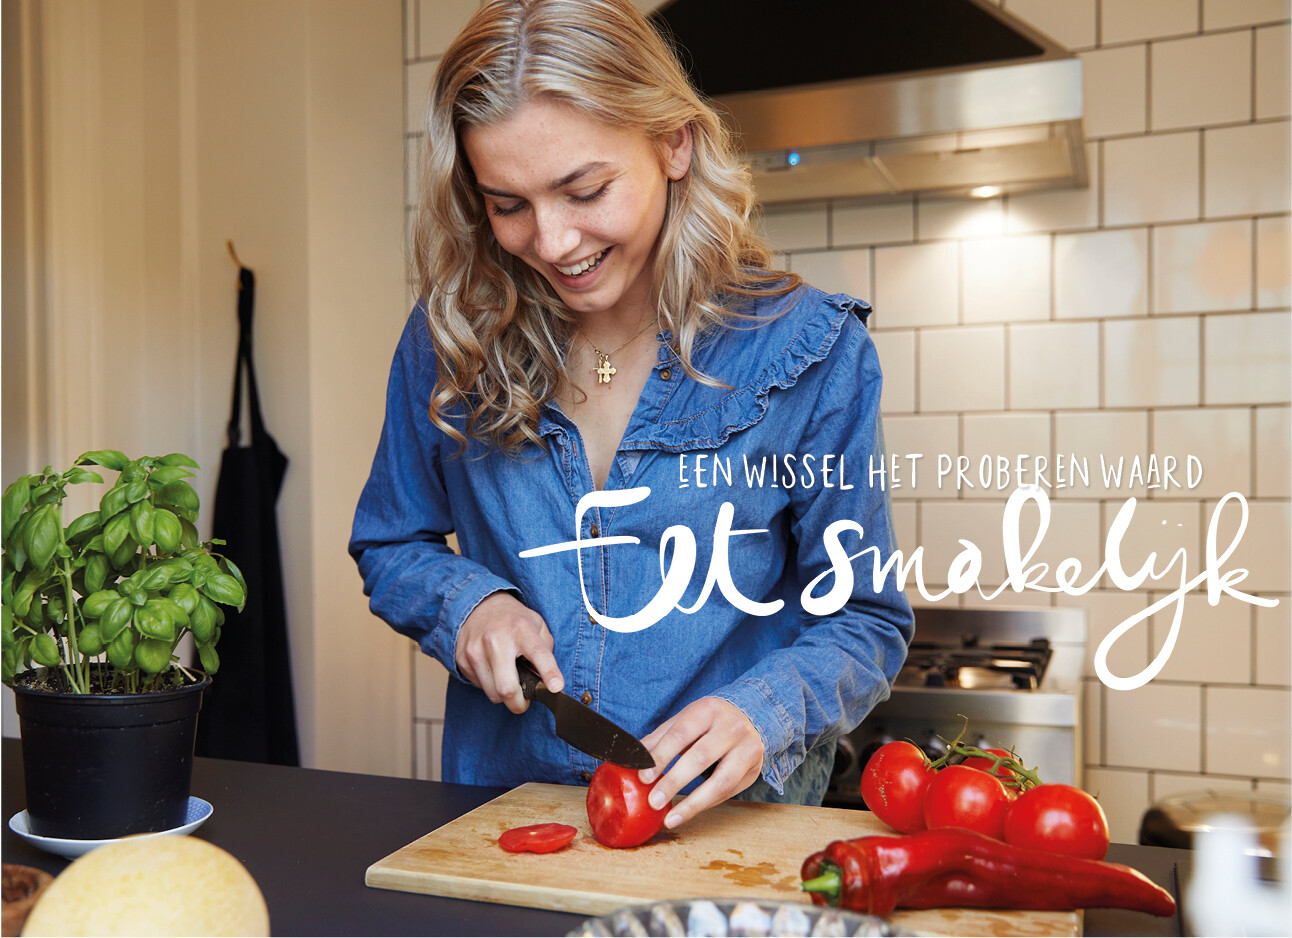 vrouw eten aan het maken